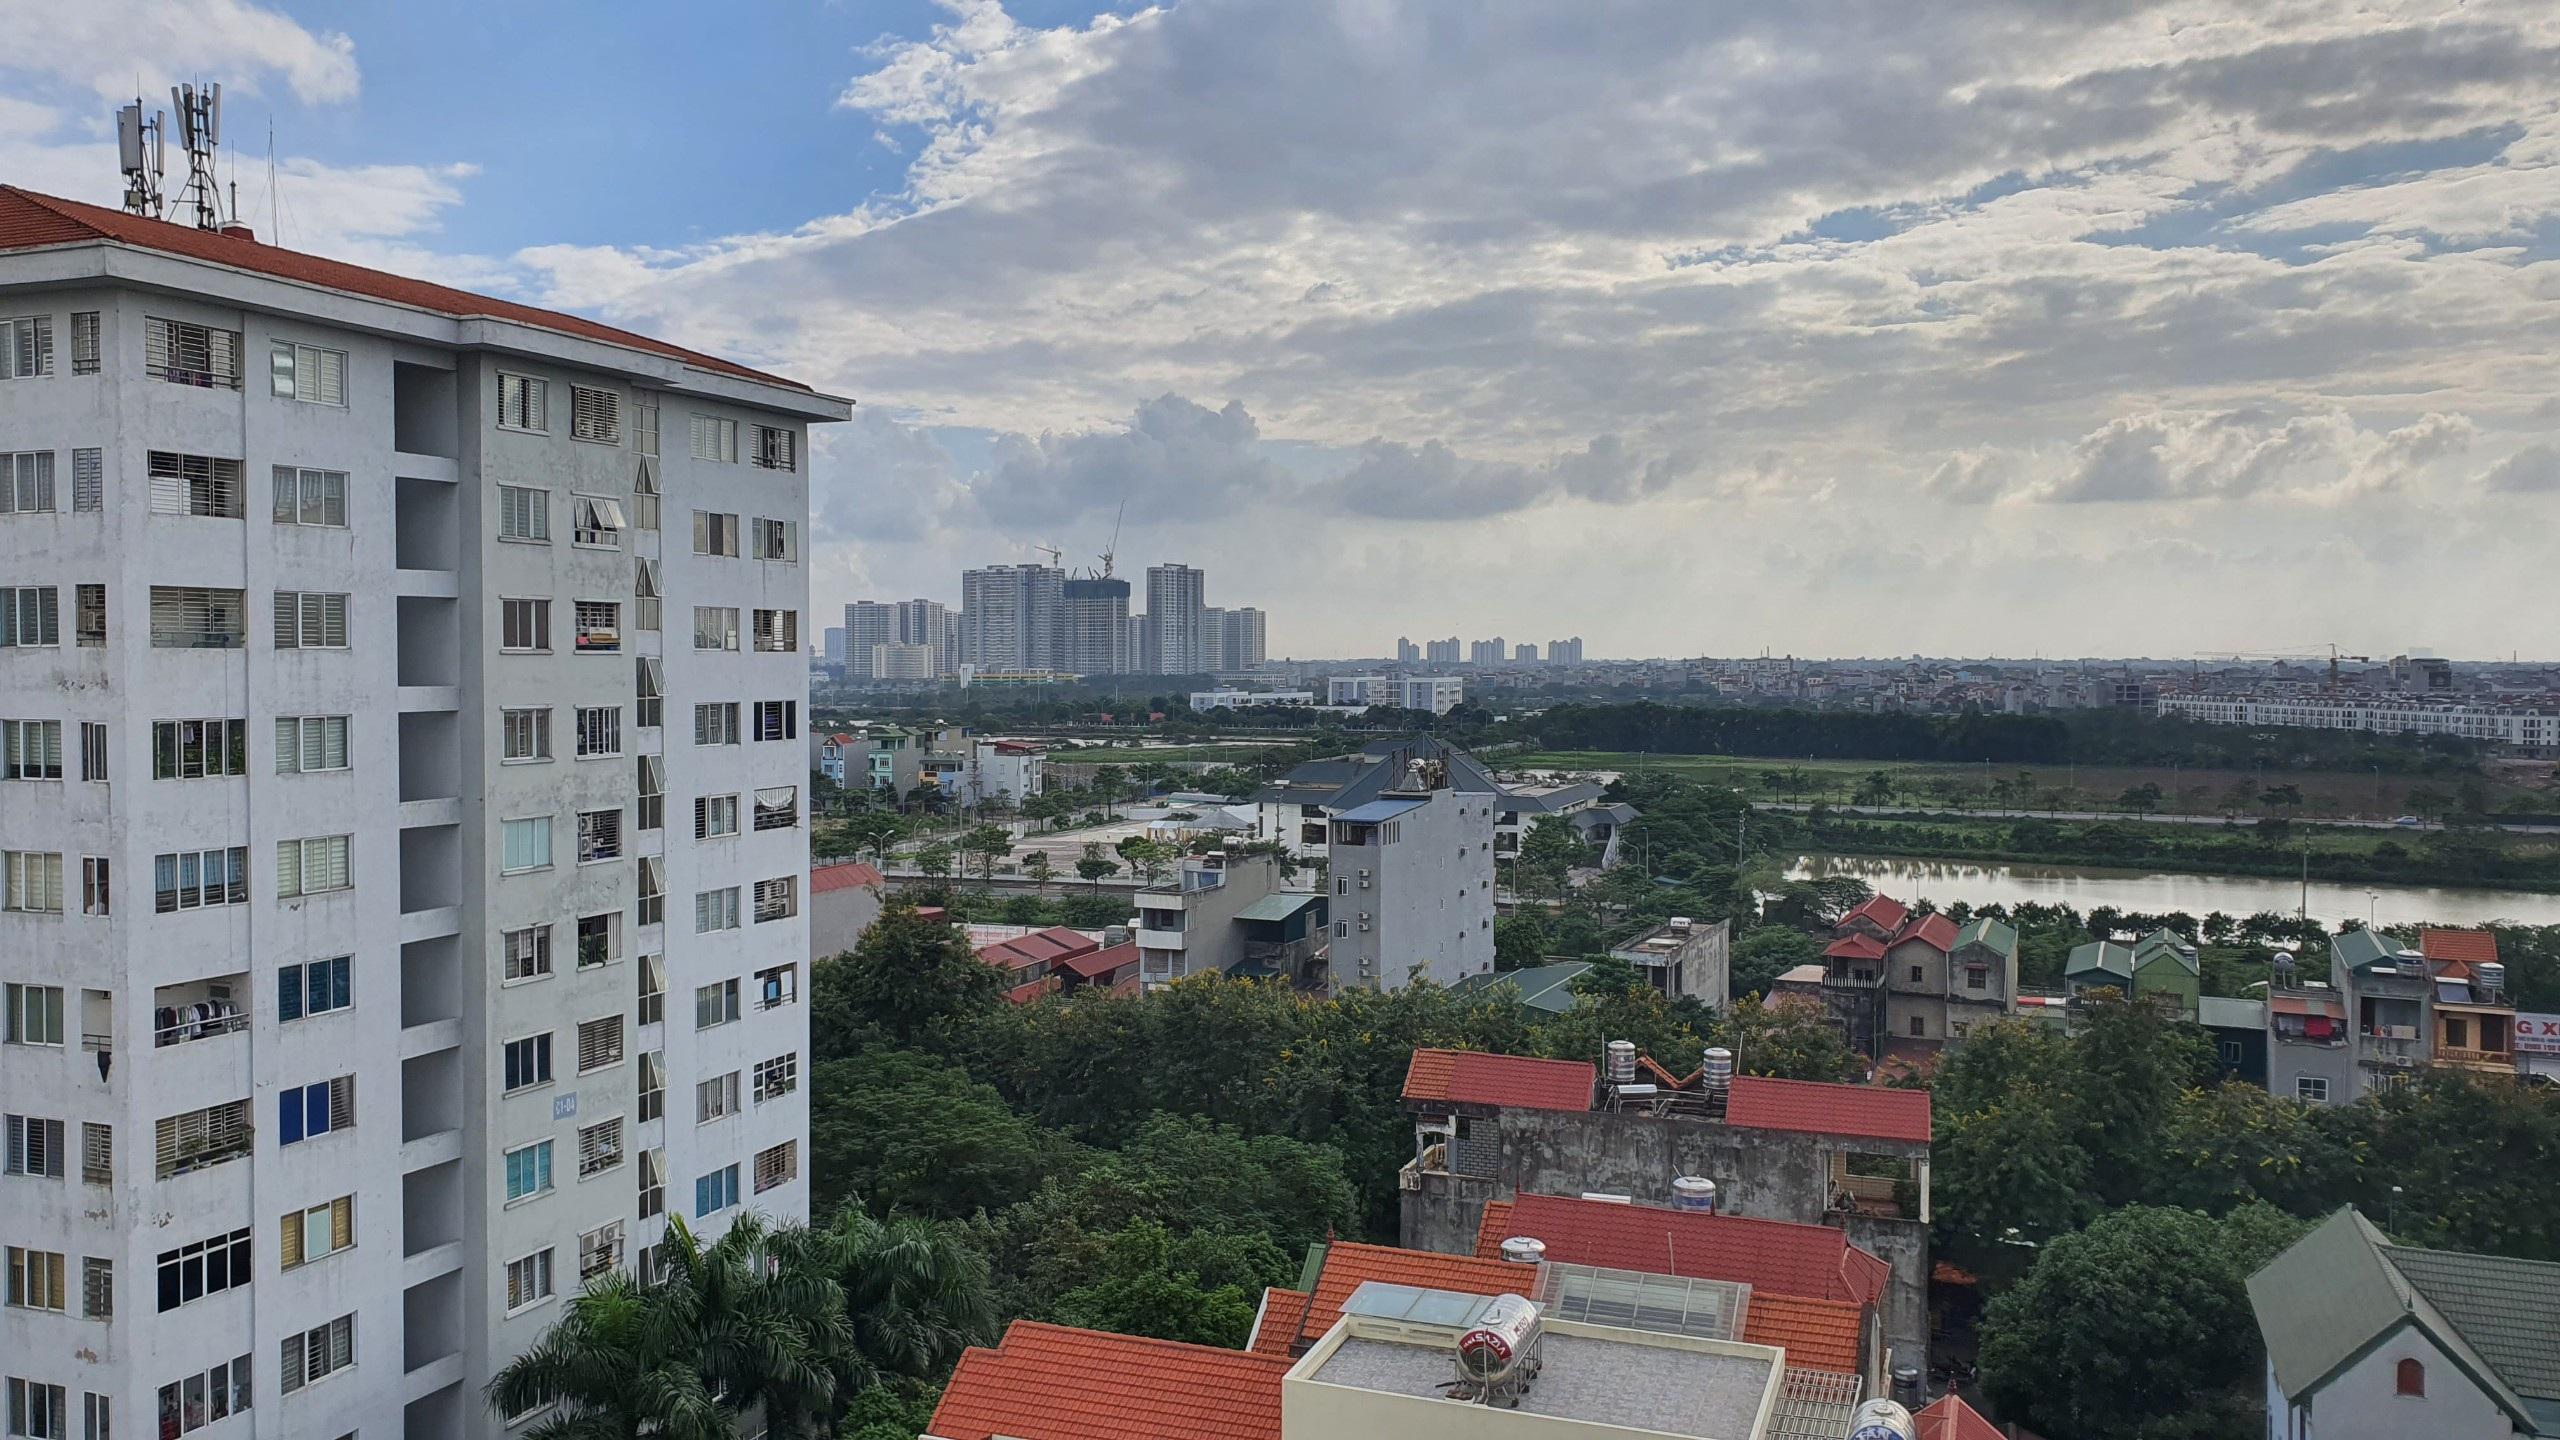 Chuyên gia môi giới bất động sản: Thuê nhà ngoại thành Hà Nội lời hơn mua - 1